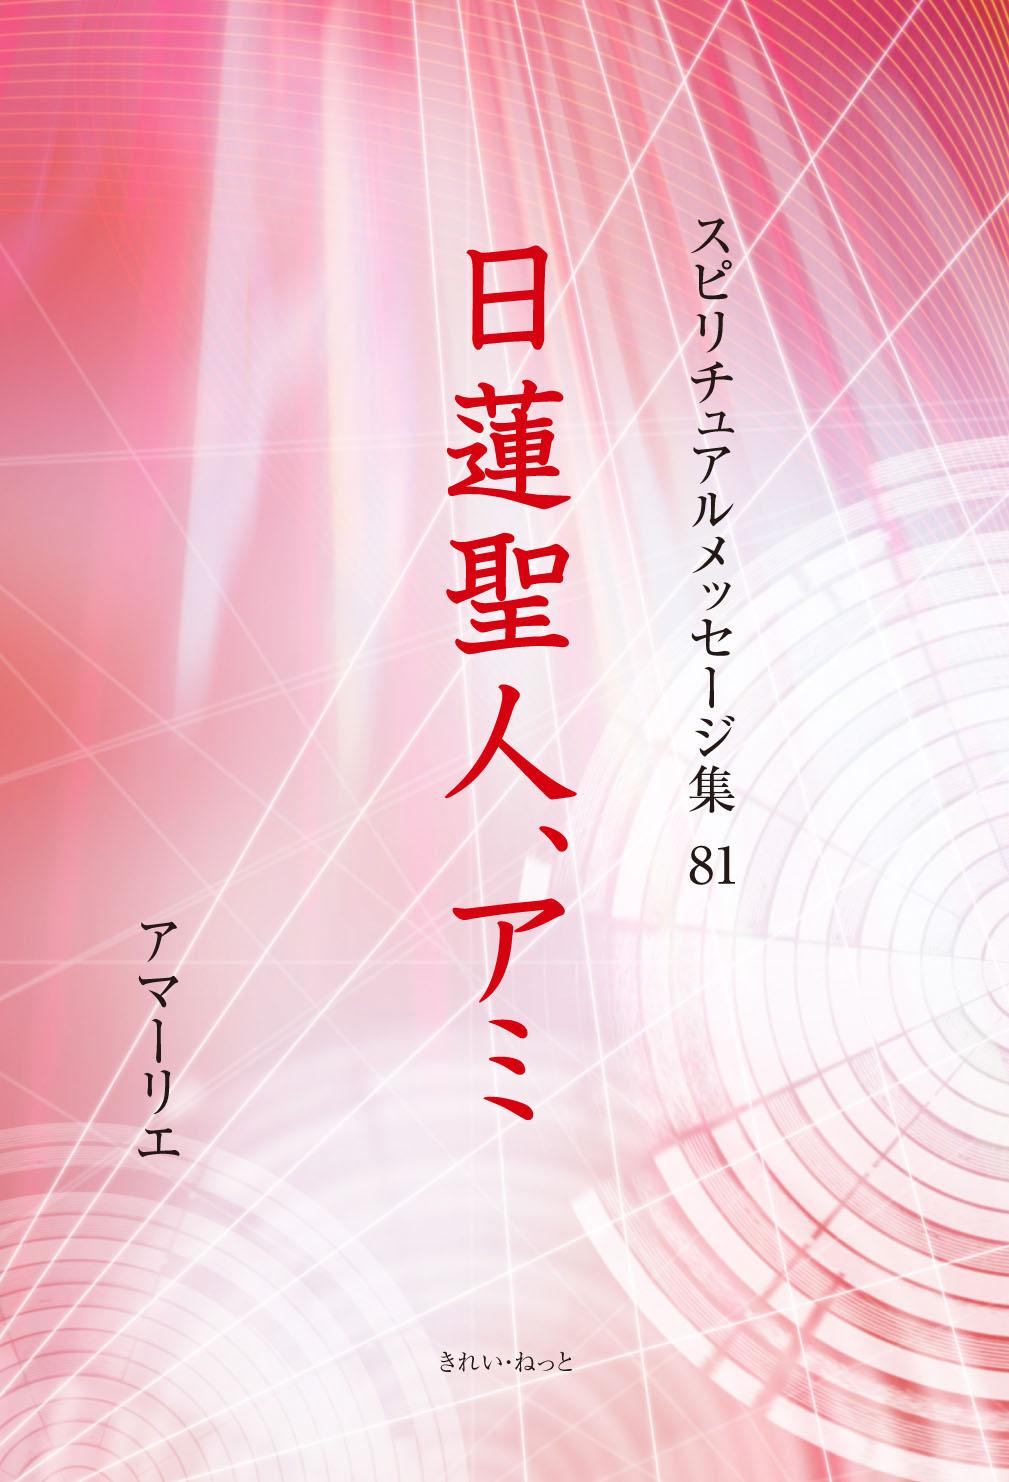 画像1: スピリチュアルメッセージ集81 日蓮聖人 アミ (1)